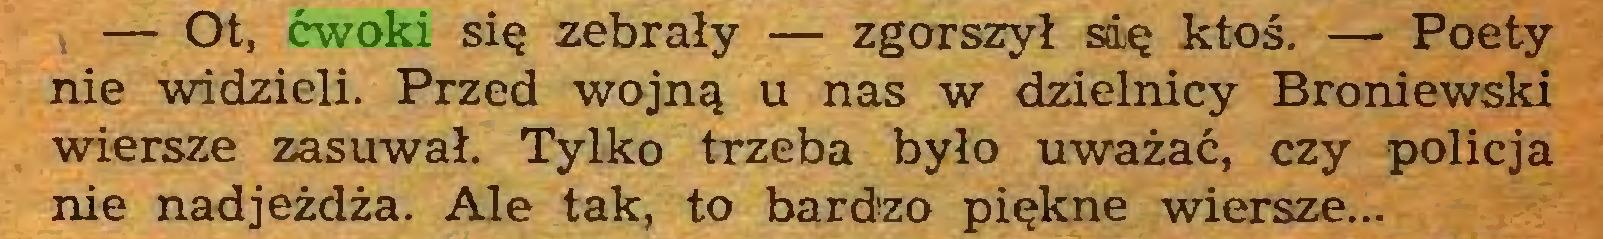 (...) — Ot, ćwoki się zebrały — zgorszył się ktoś. — Poety nie widzieli. Przed wojną u nas w dzielnicy Broniewski wiersze zasuwał. Tylko trzeba było uważać, czy policja nie nadjeżdża. Ale tak, to bardzo piękne wiersze...